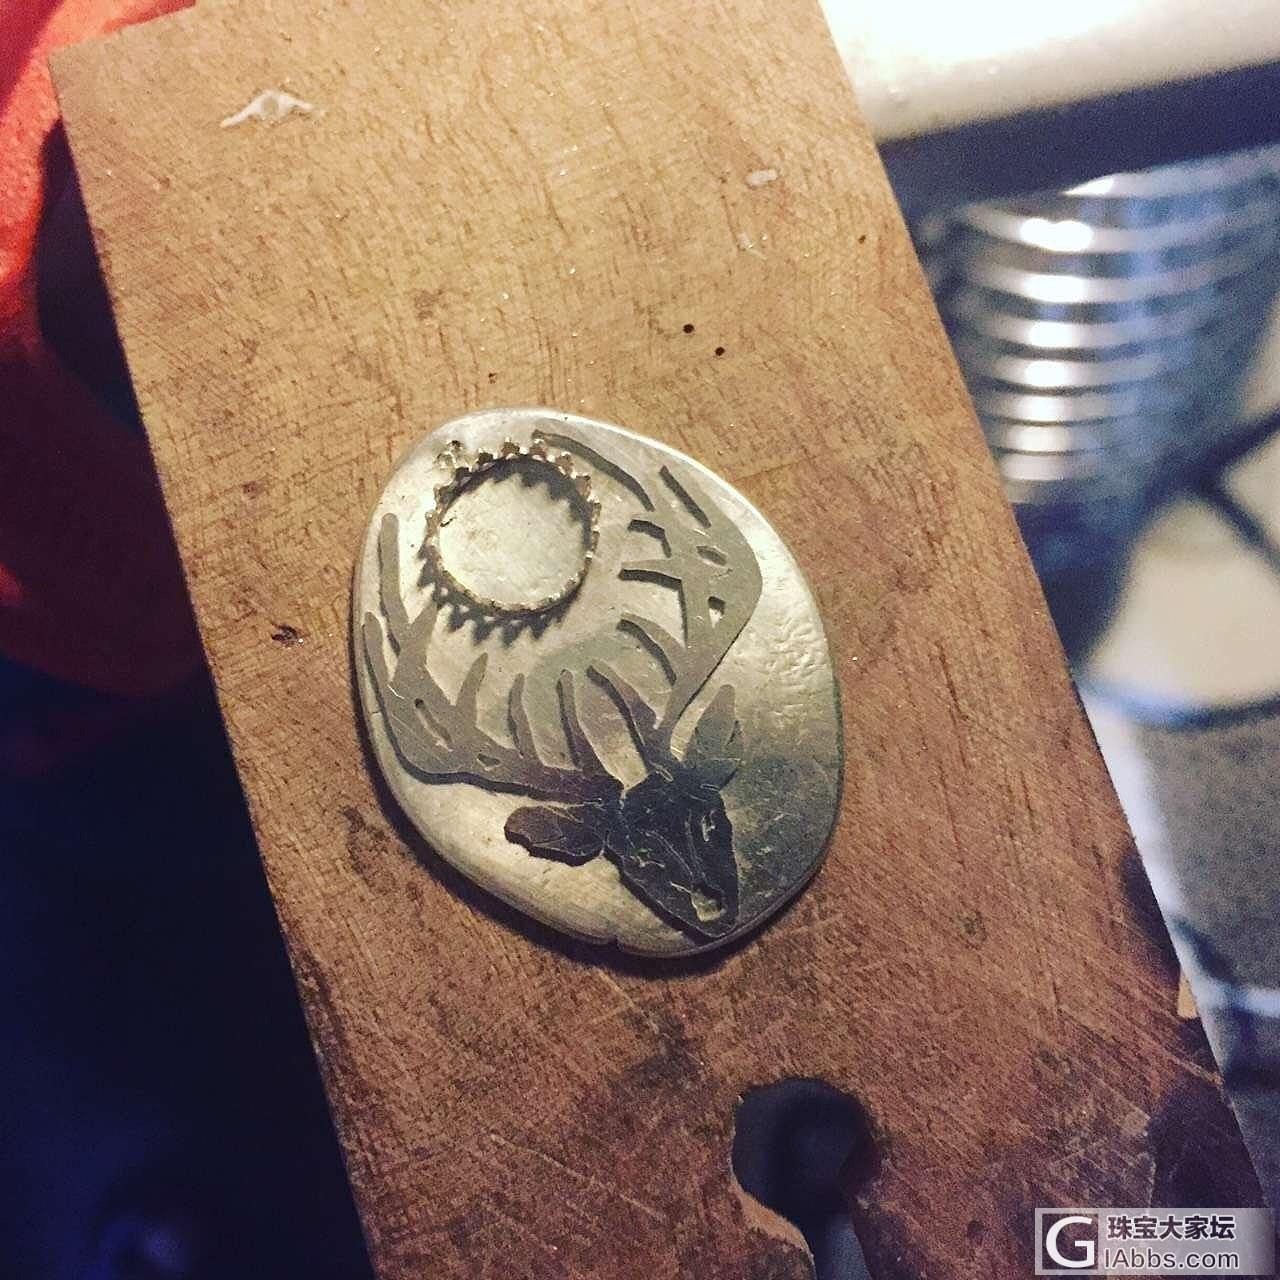 做一枚鹿牌送给姓鹿的朋友 --NARWHAL_蜜蜡吊坠金工银